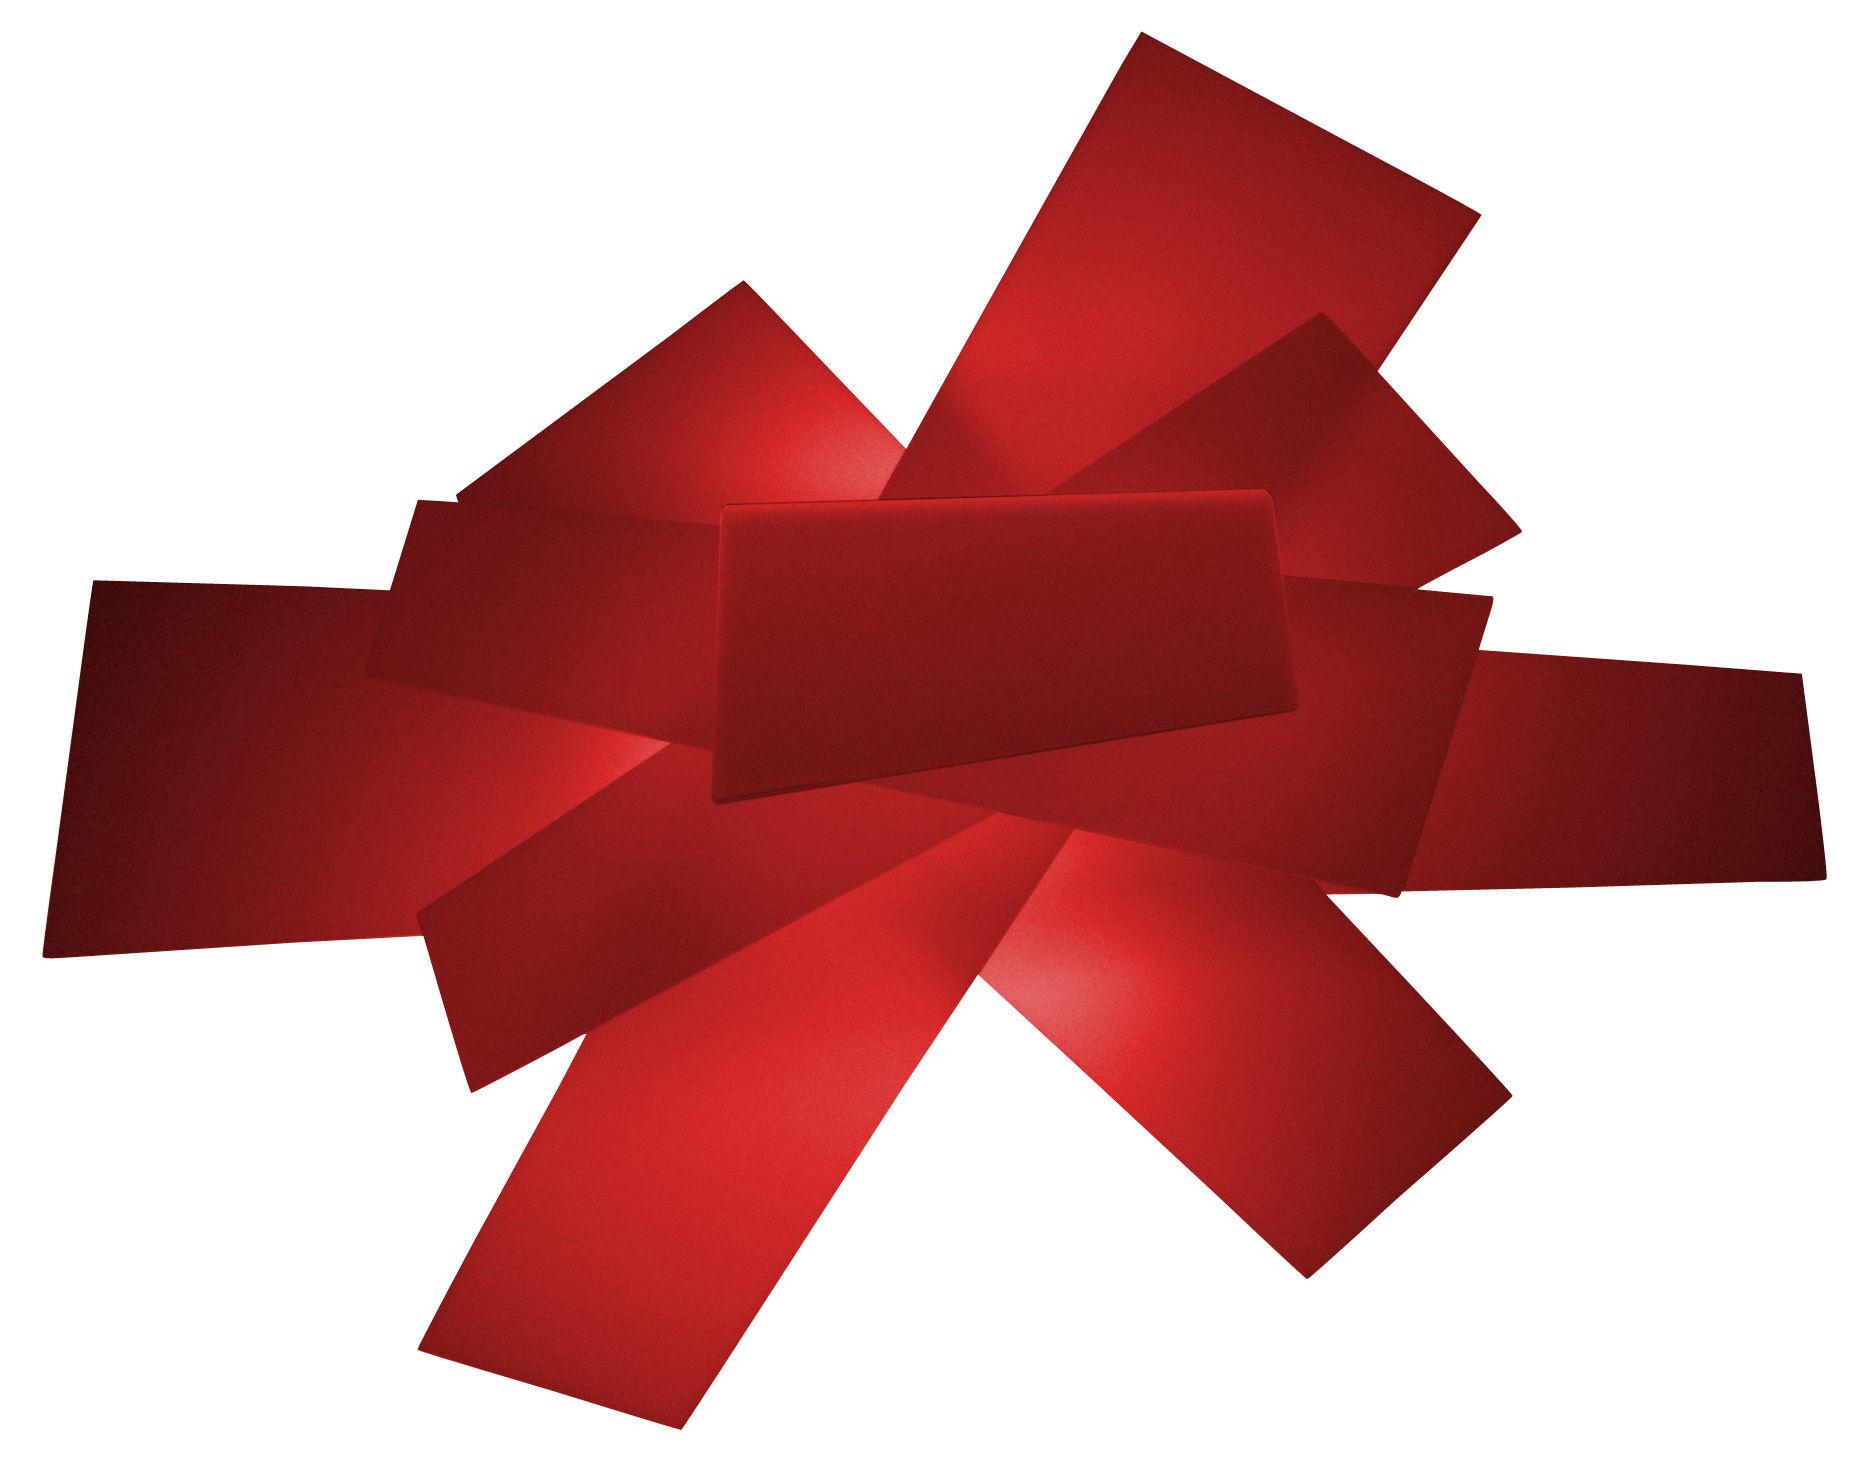 Leuchten - Wandleuchten - Big Bang Wandleuchte Deckenleuchte - Foscarini - Rot - Methacrylate